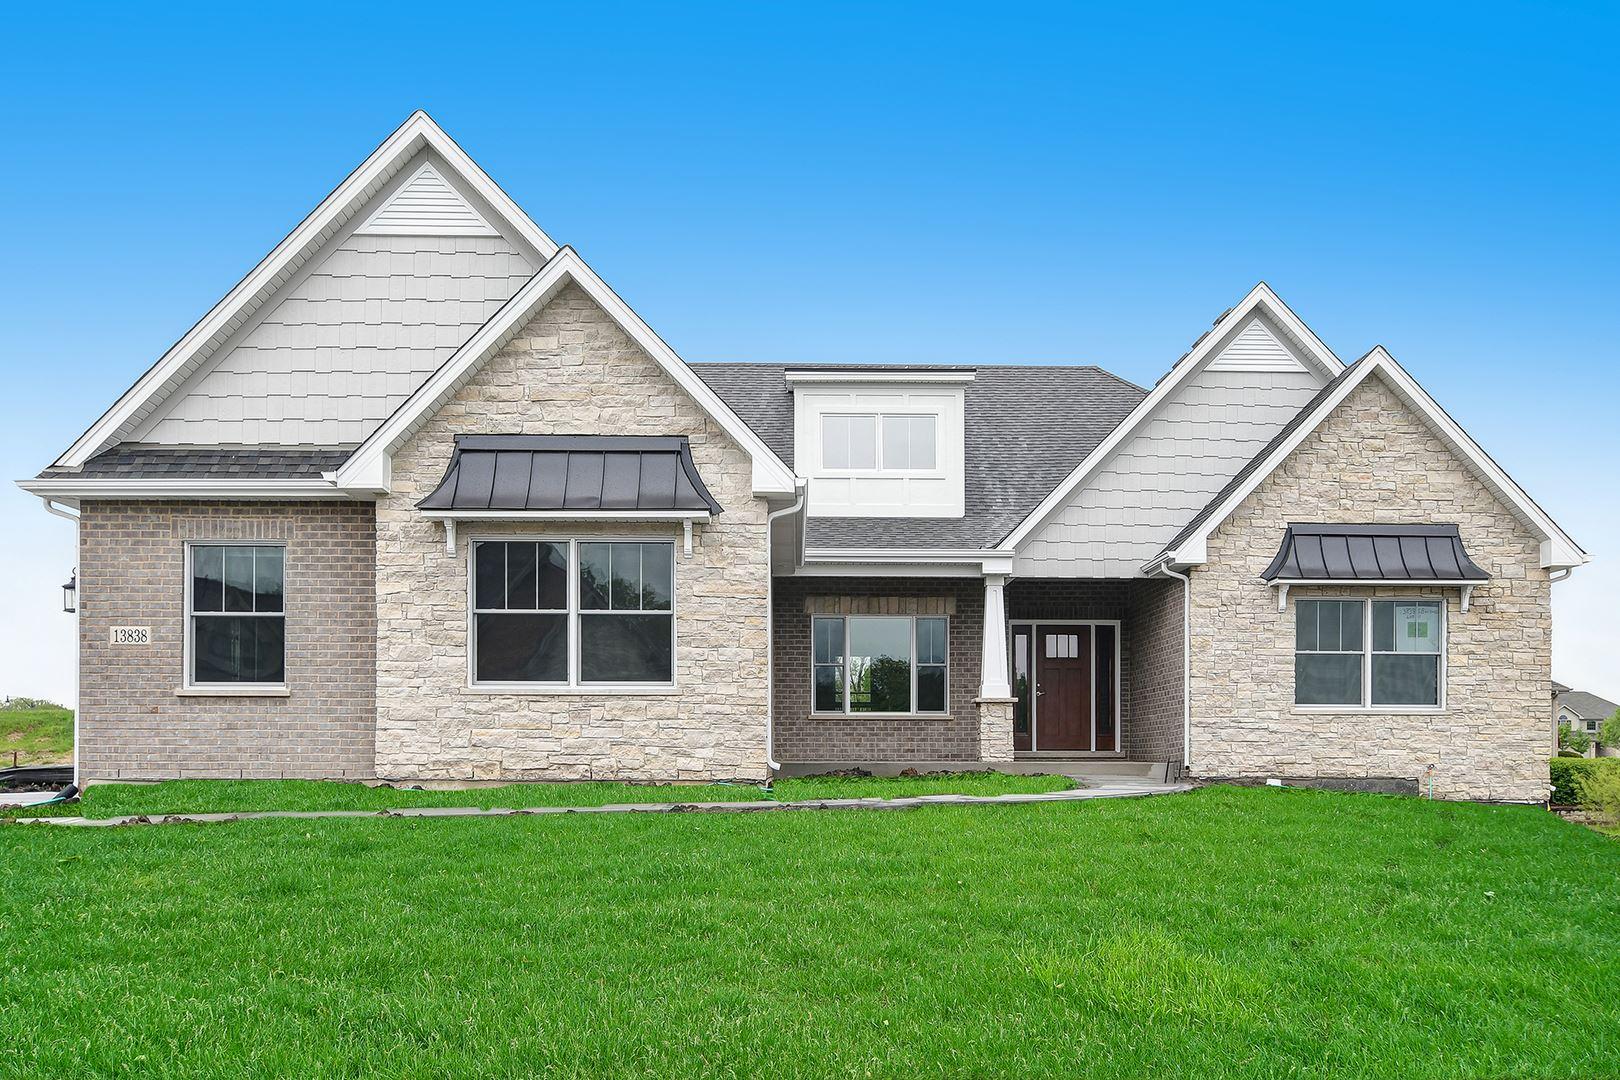 13838 W Stonebridge Woods Crossing Drive, Homer Glen, IL 60491 - #: 10772731